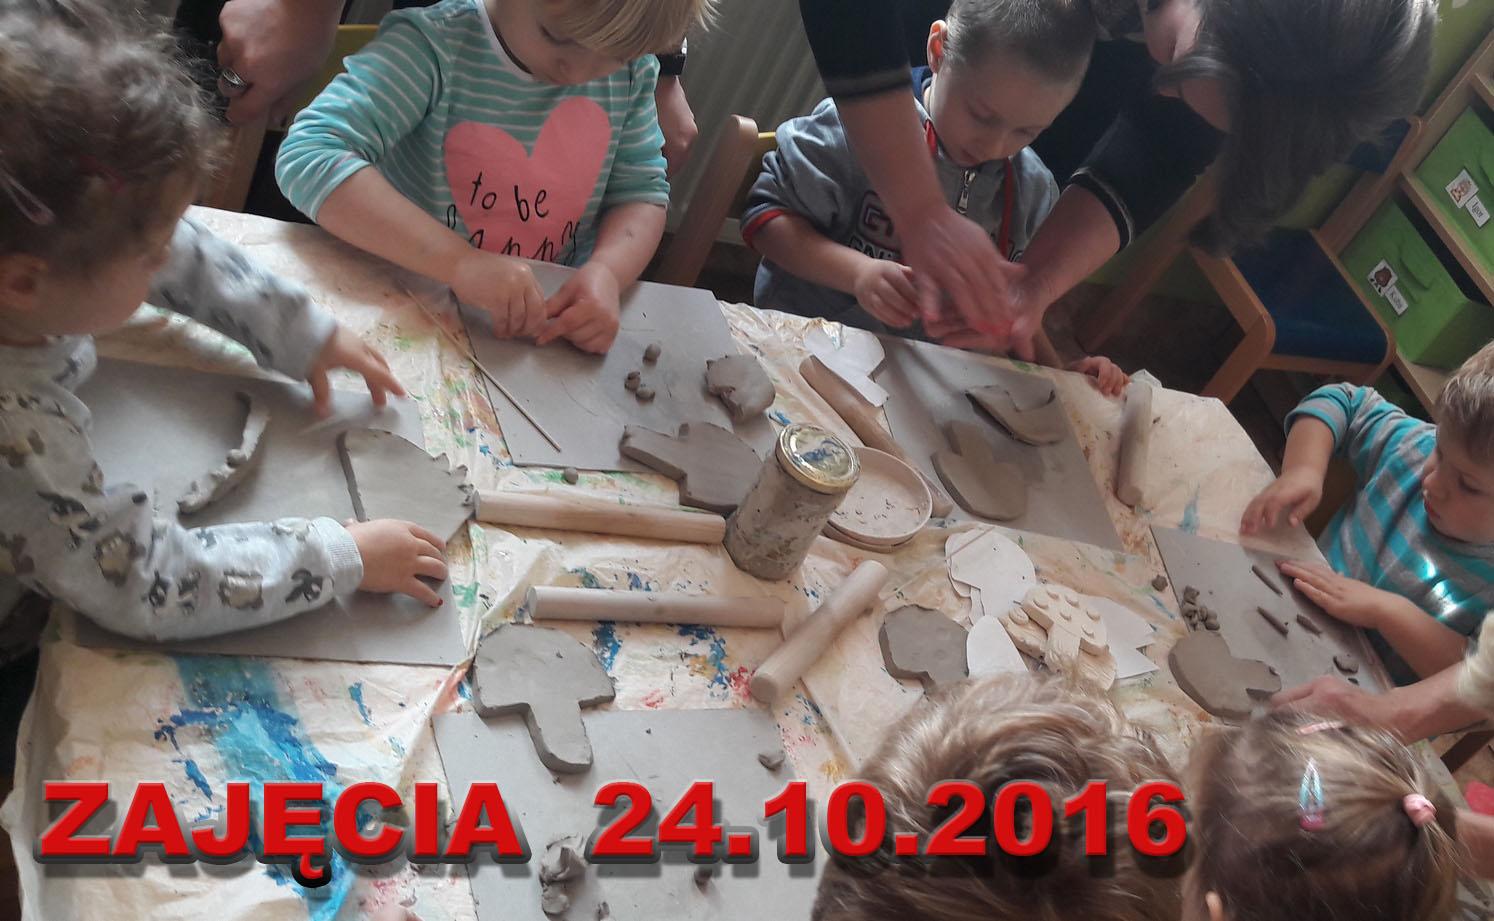 zajecia-z-ceramiki-ii